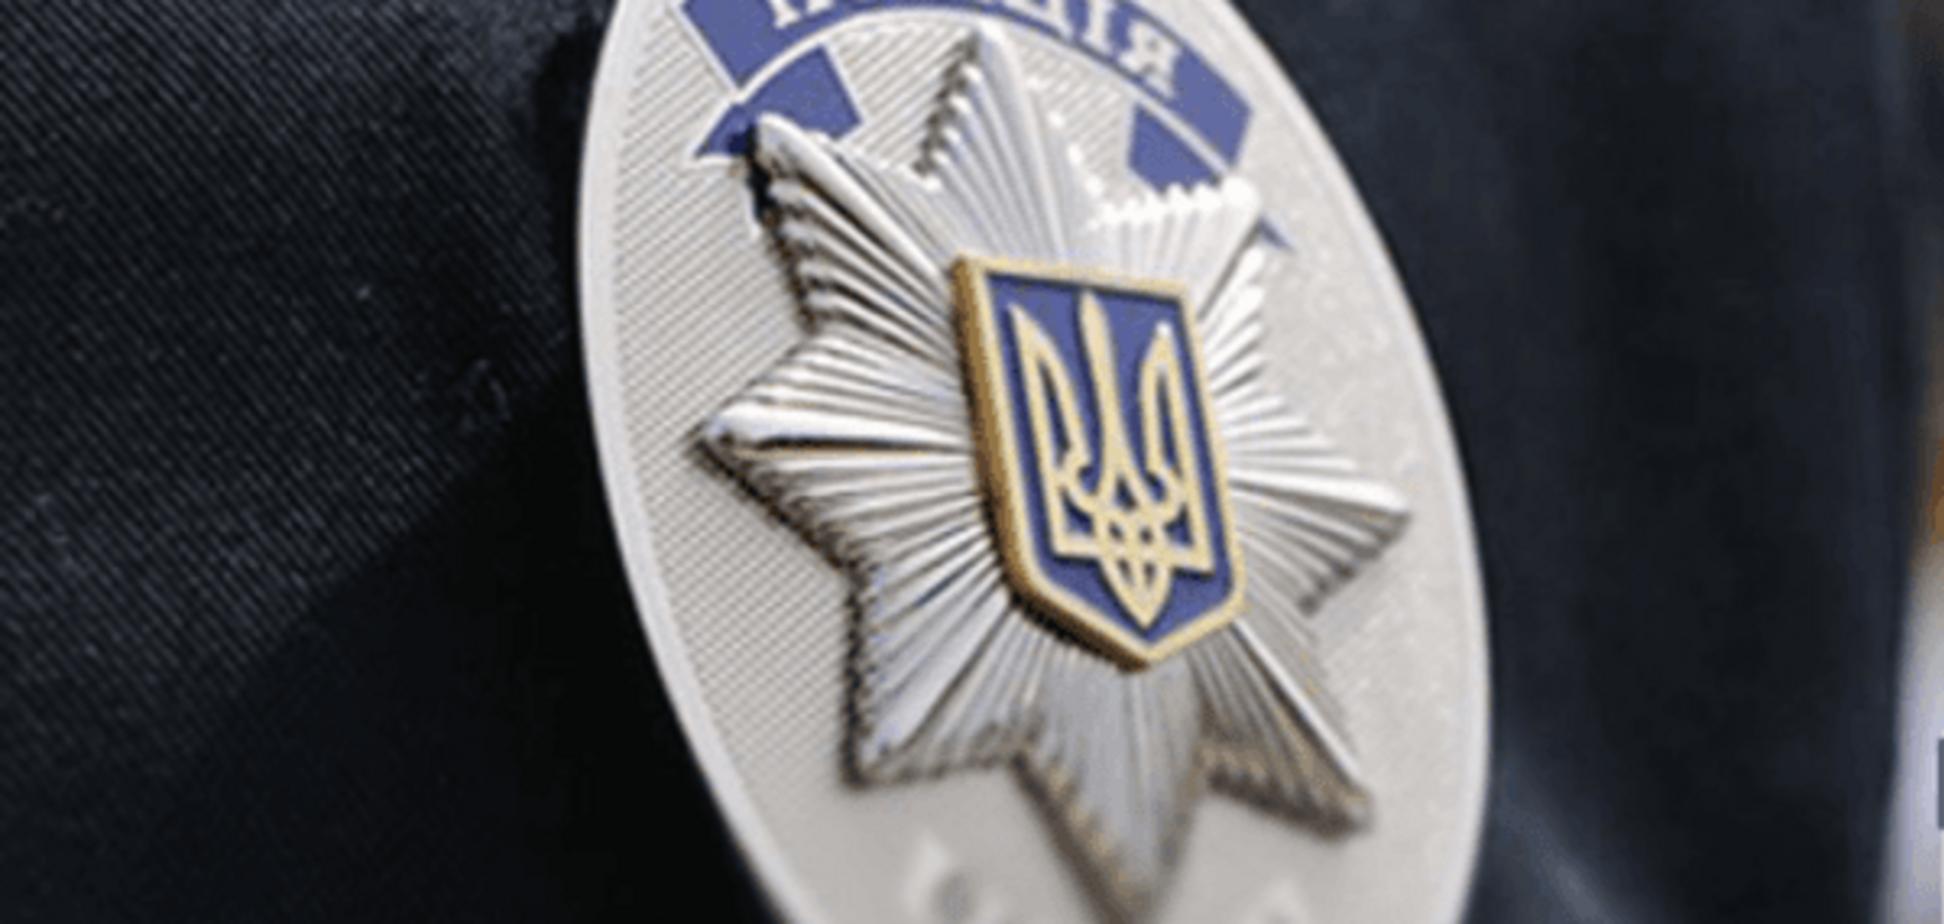 Декаонидзе уволила Гончарова